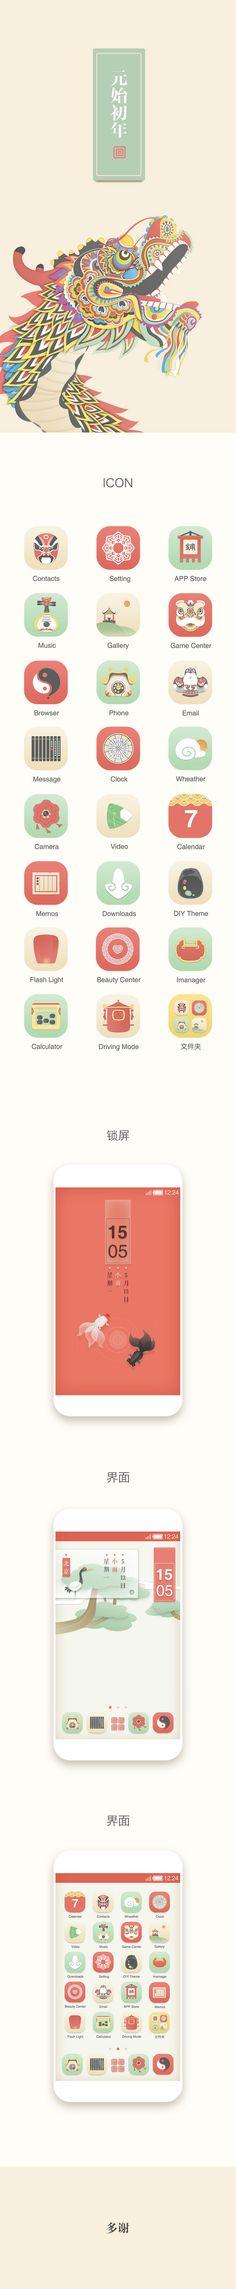 原创作品:一组中国风icon #扁平...